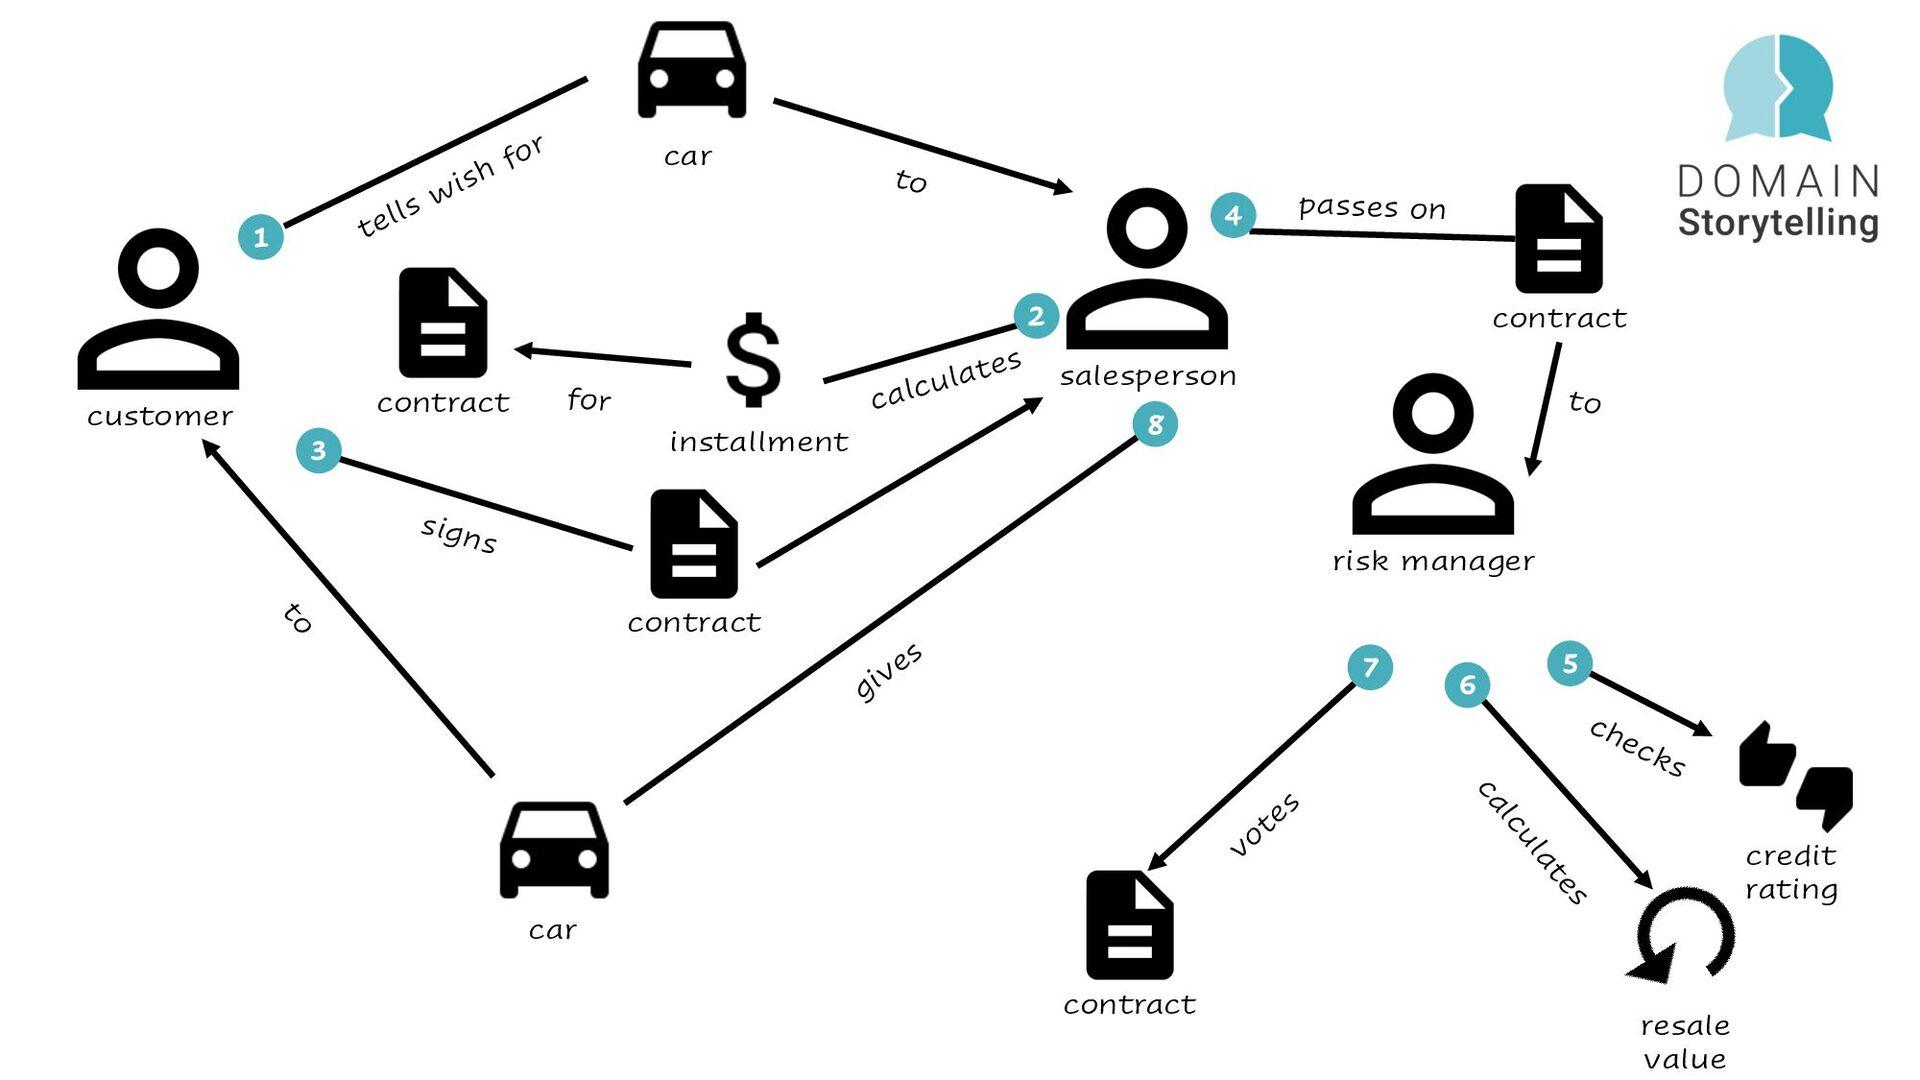 @hschwentner Methods